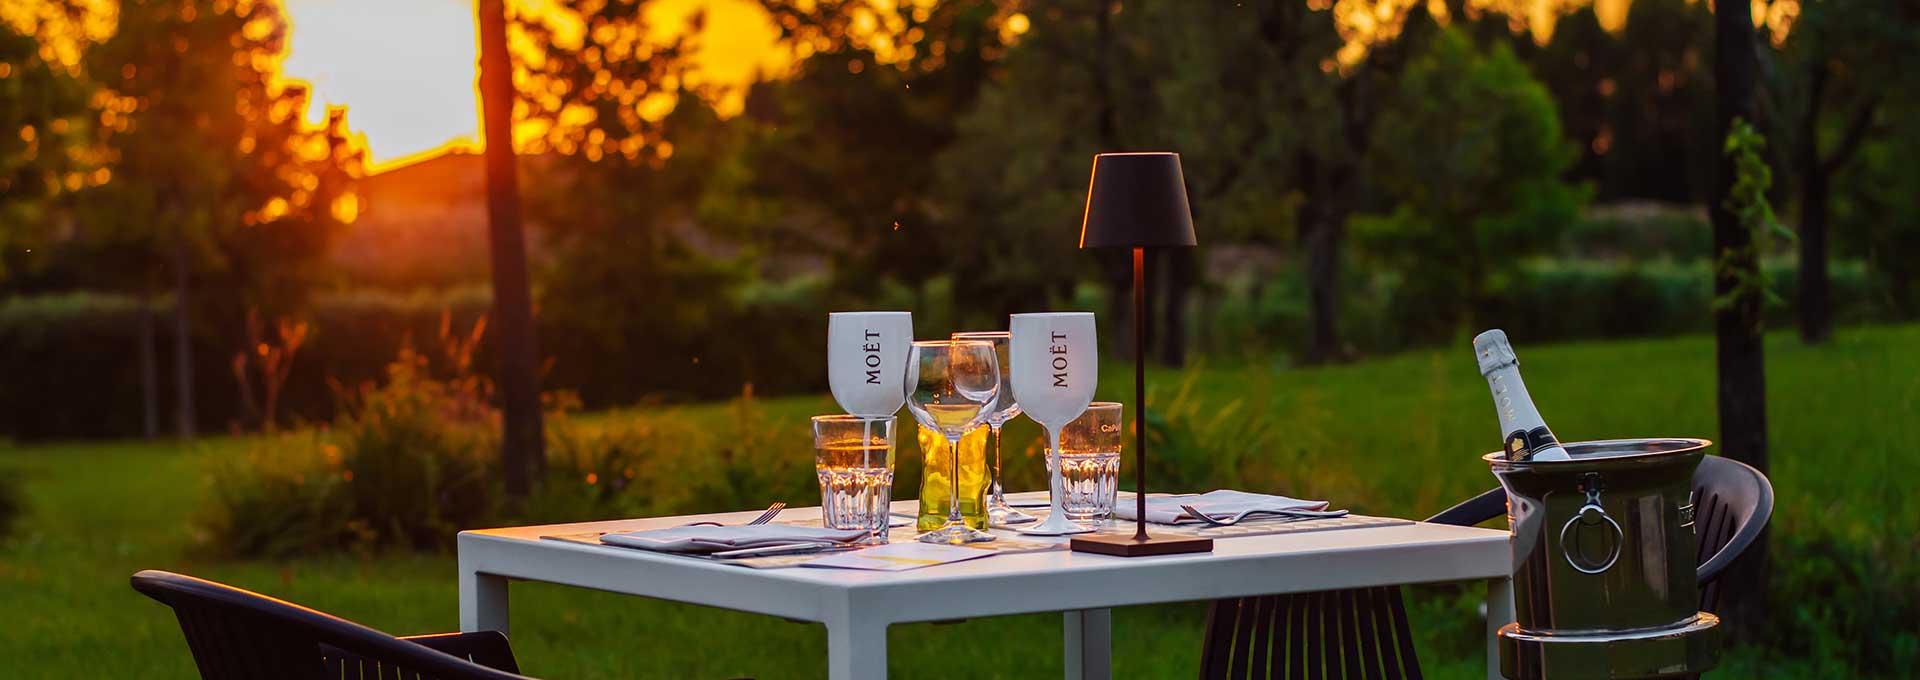 Tavolo apparecchiato per cena in giardino